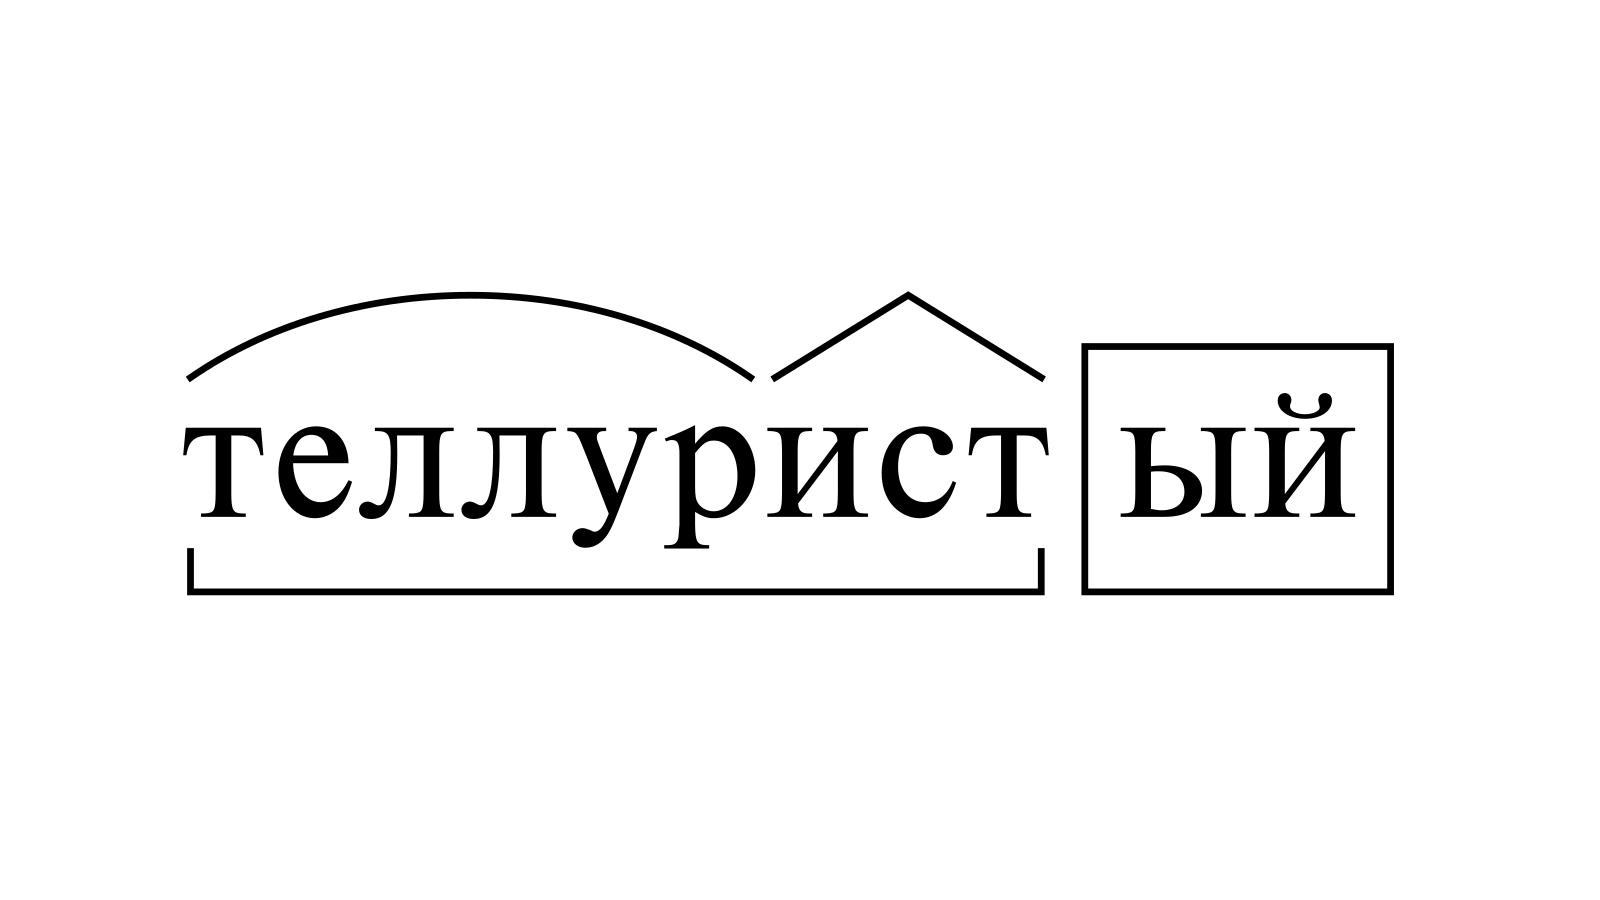 Разбор слова «теллуристый» по составу